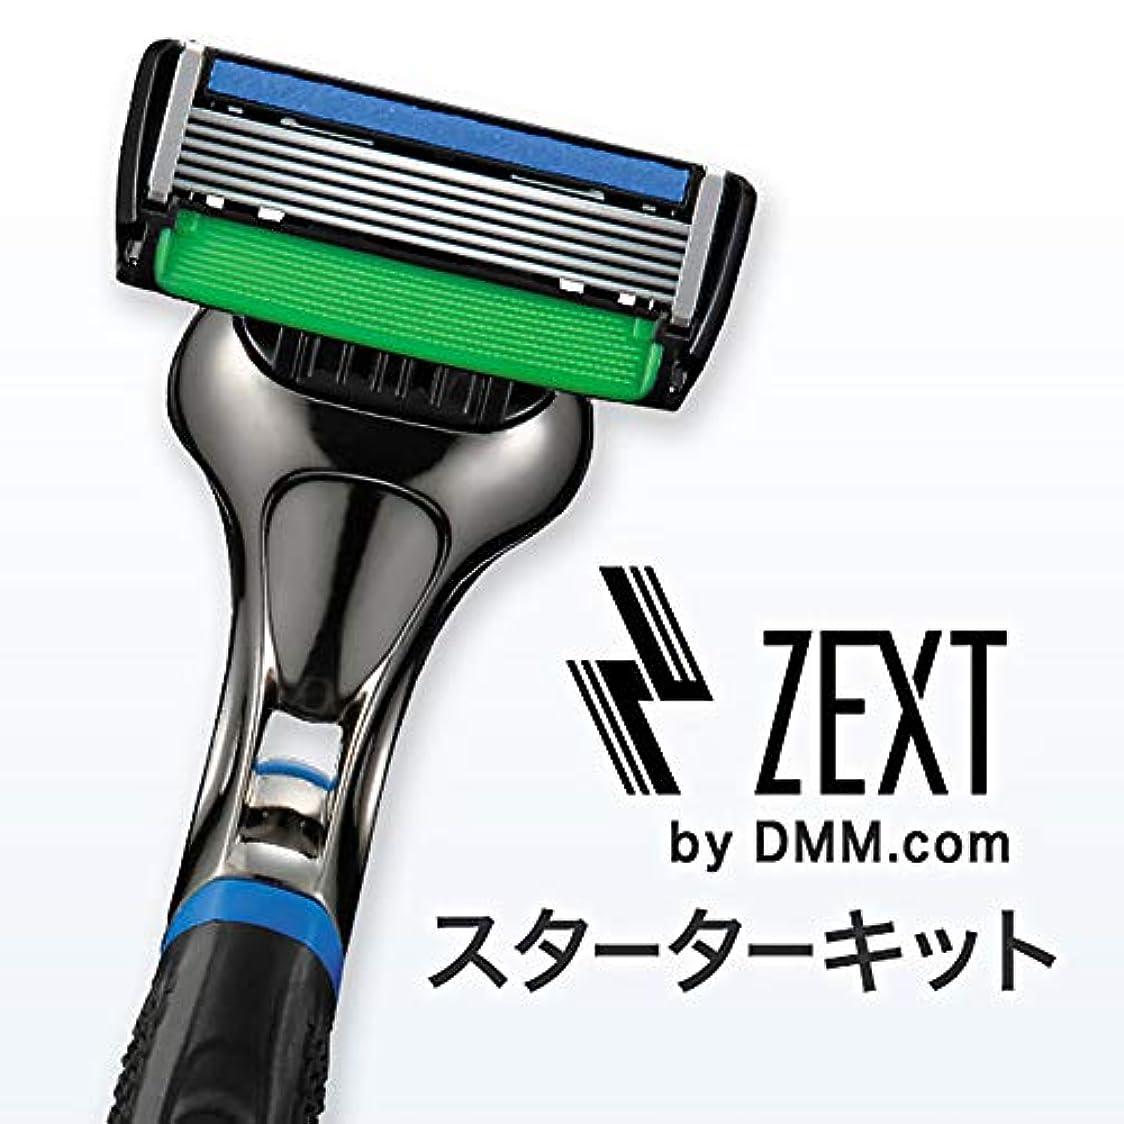 ユーモアカジュアル増幅器ZEXT 6枚刃カミソリ 本体替刃1個付